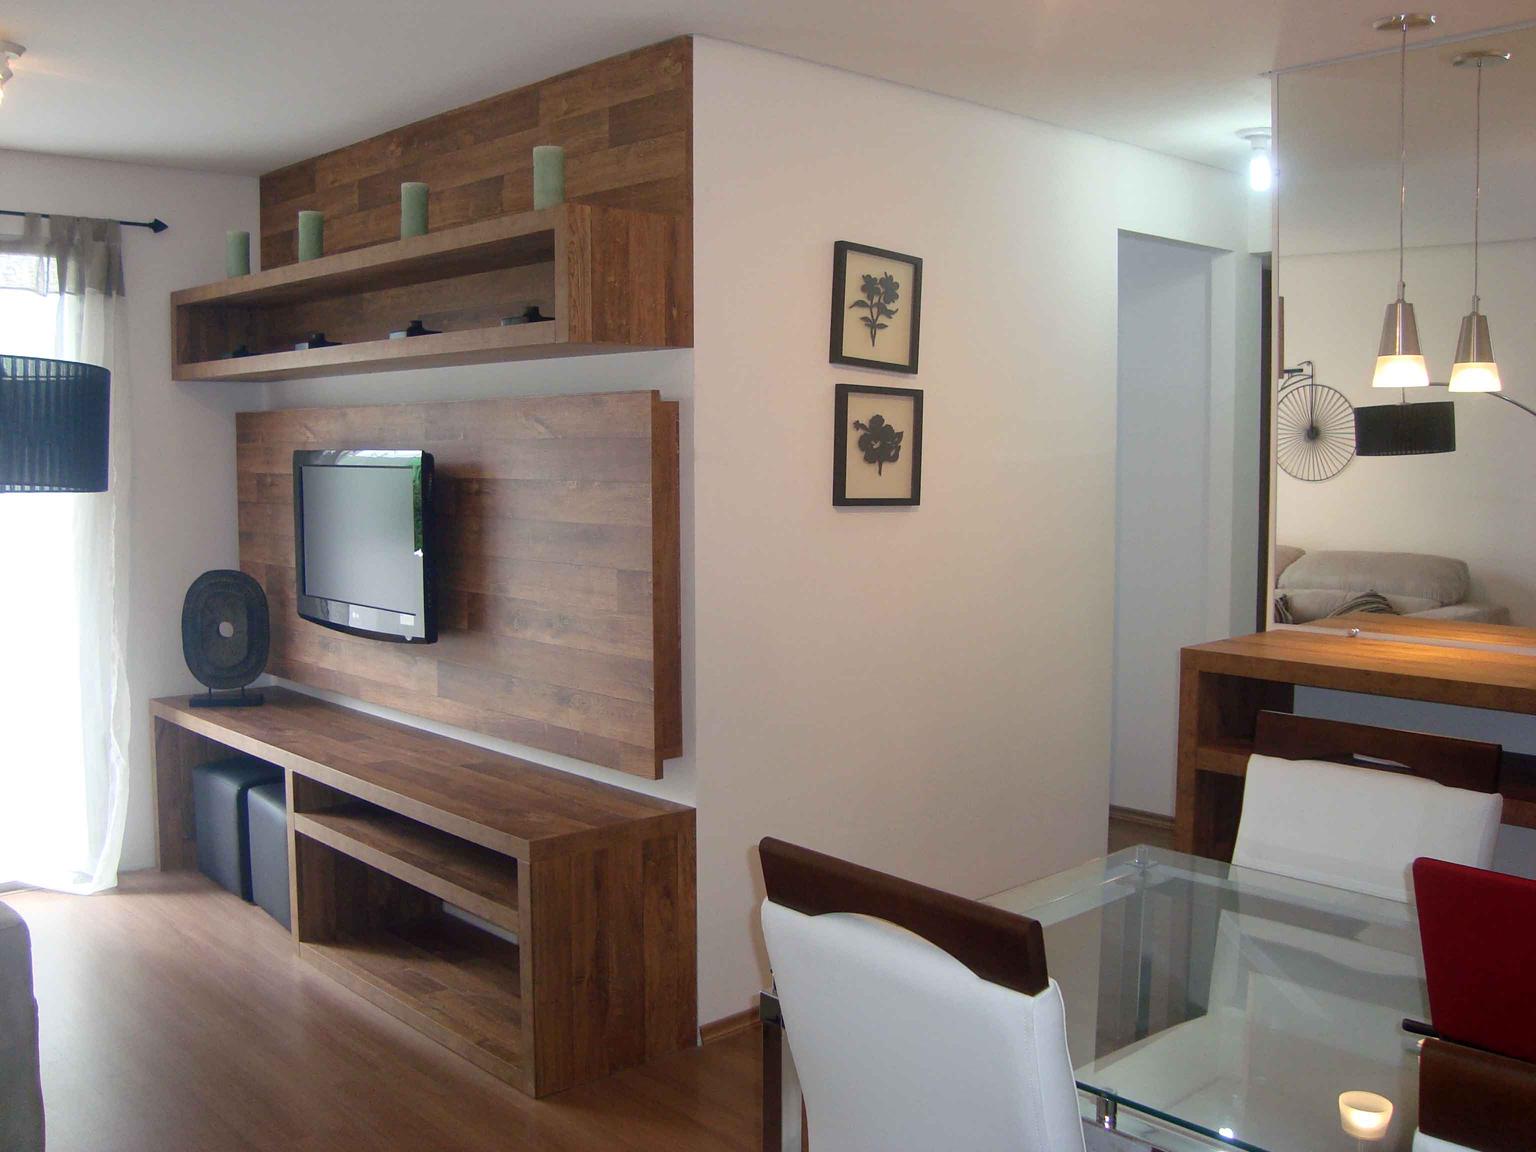 decoracao de apartamentos pequenos para homens : decoracao de apartamentos pequenos para homens:Decoração de Apartamentos Pequenos